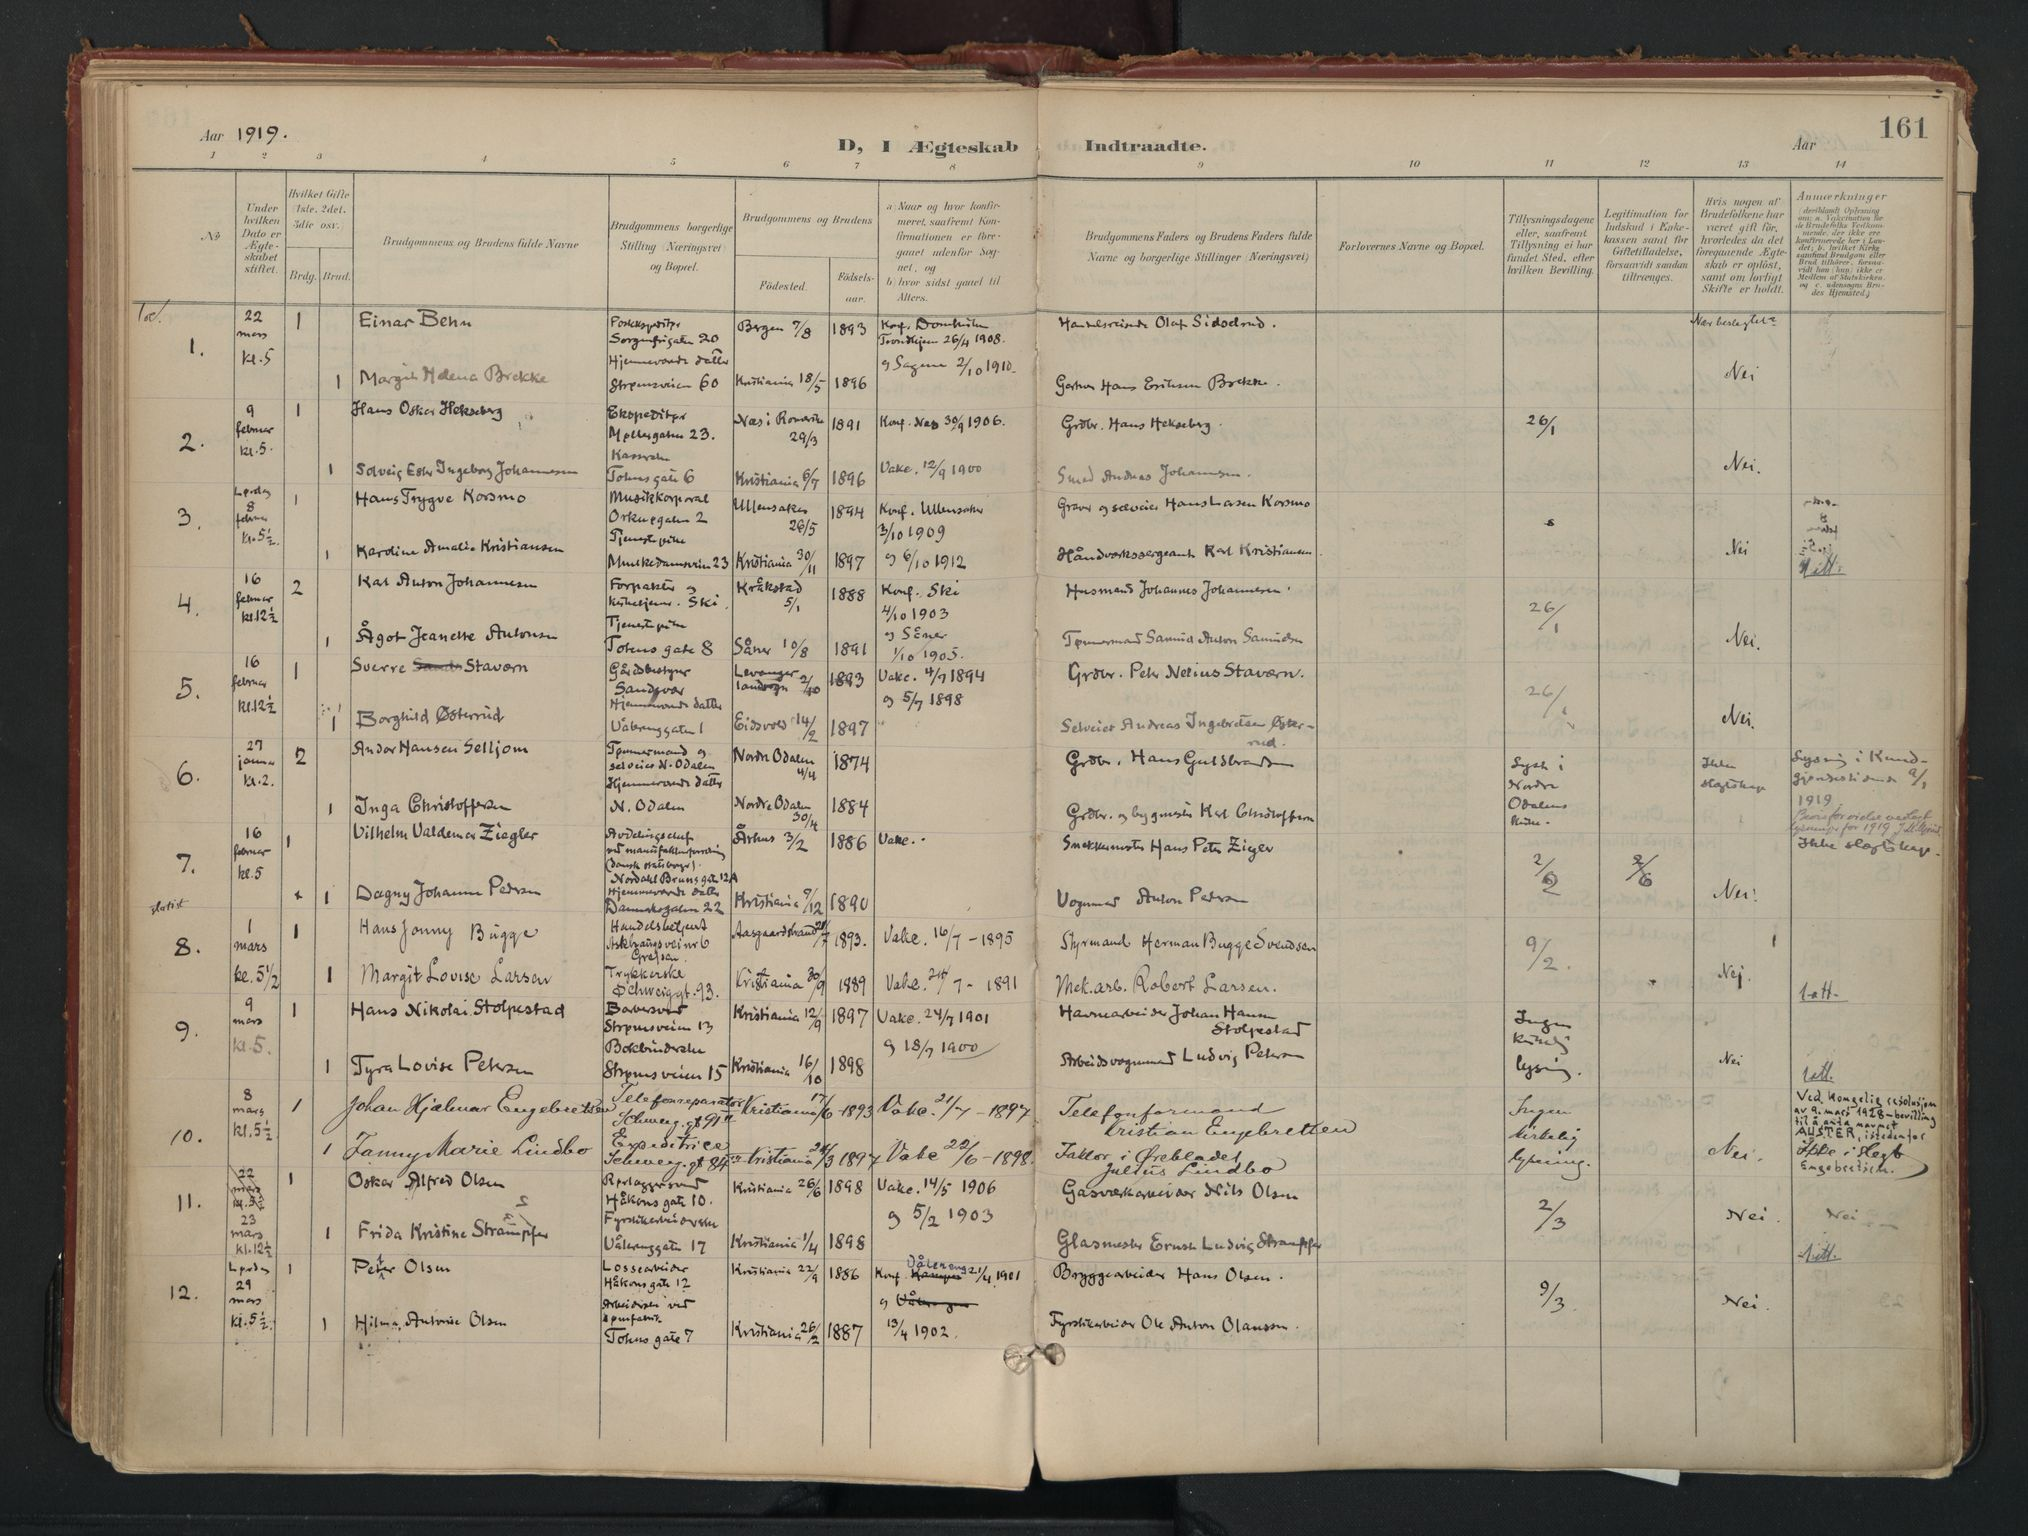 SAO, Vålerengen prestekontor Kirkebøker, F/Fa/L0002: Ministerialbok nr. 2, 1899-1924, s. 161